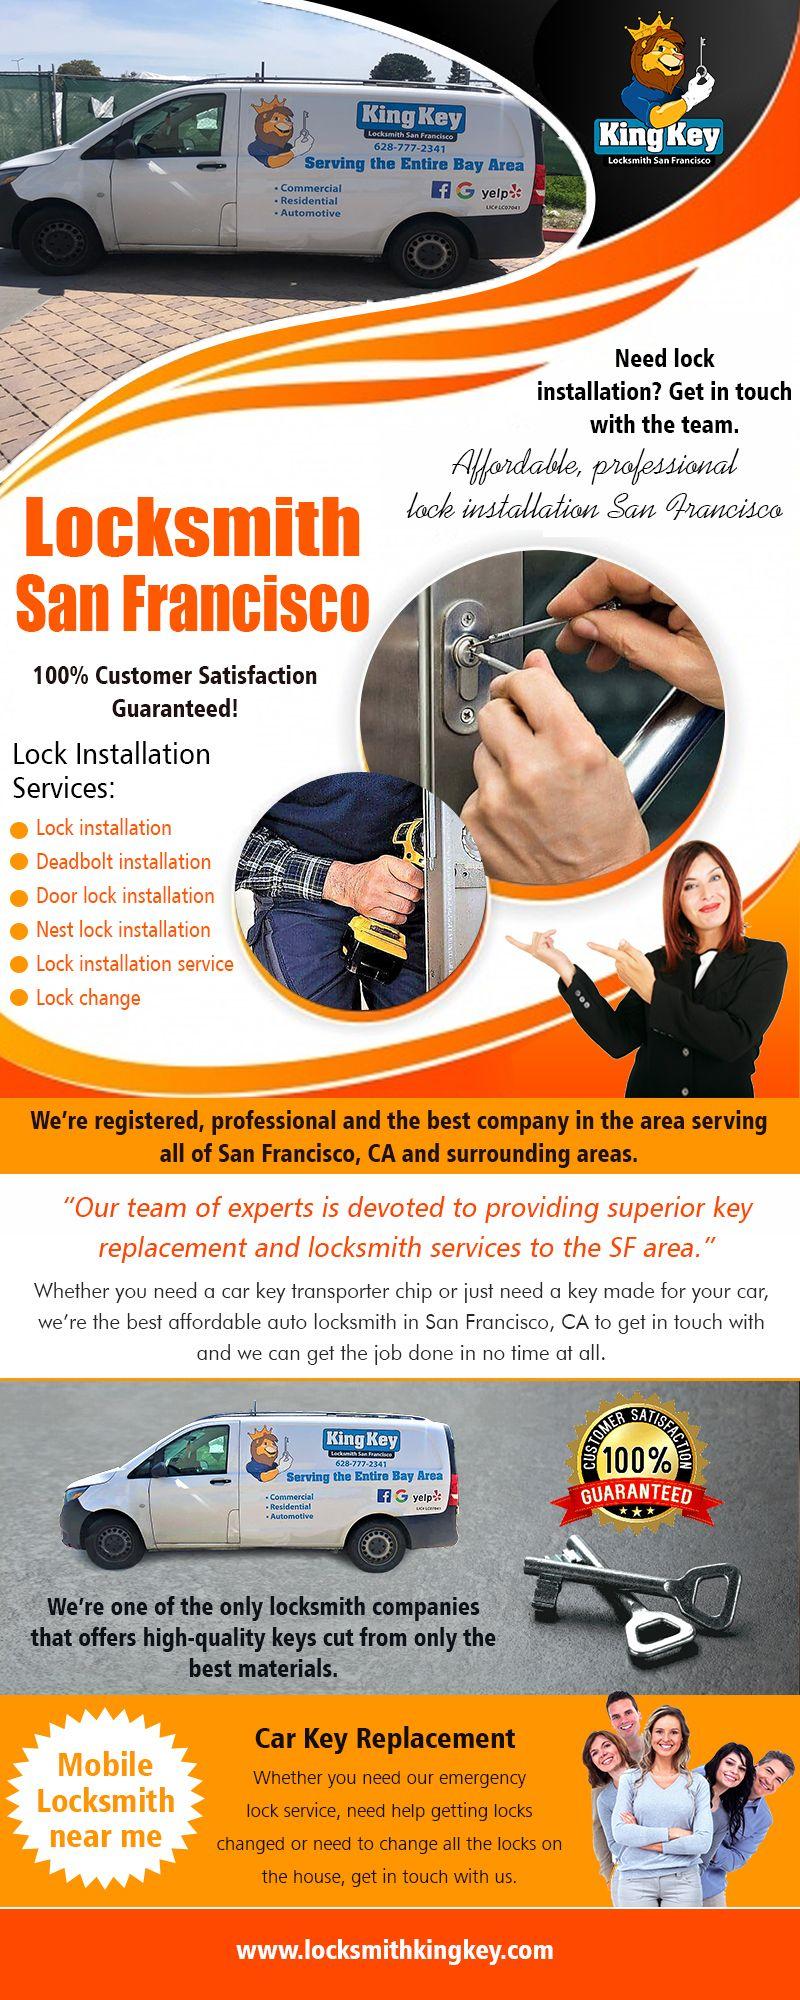 Locksmith san francisco locksmith emergency locksmith